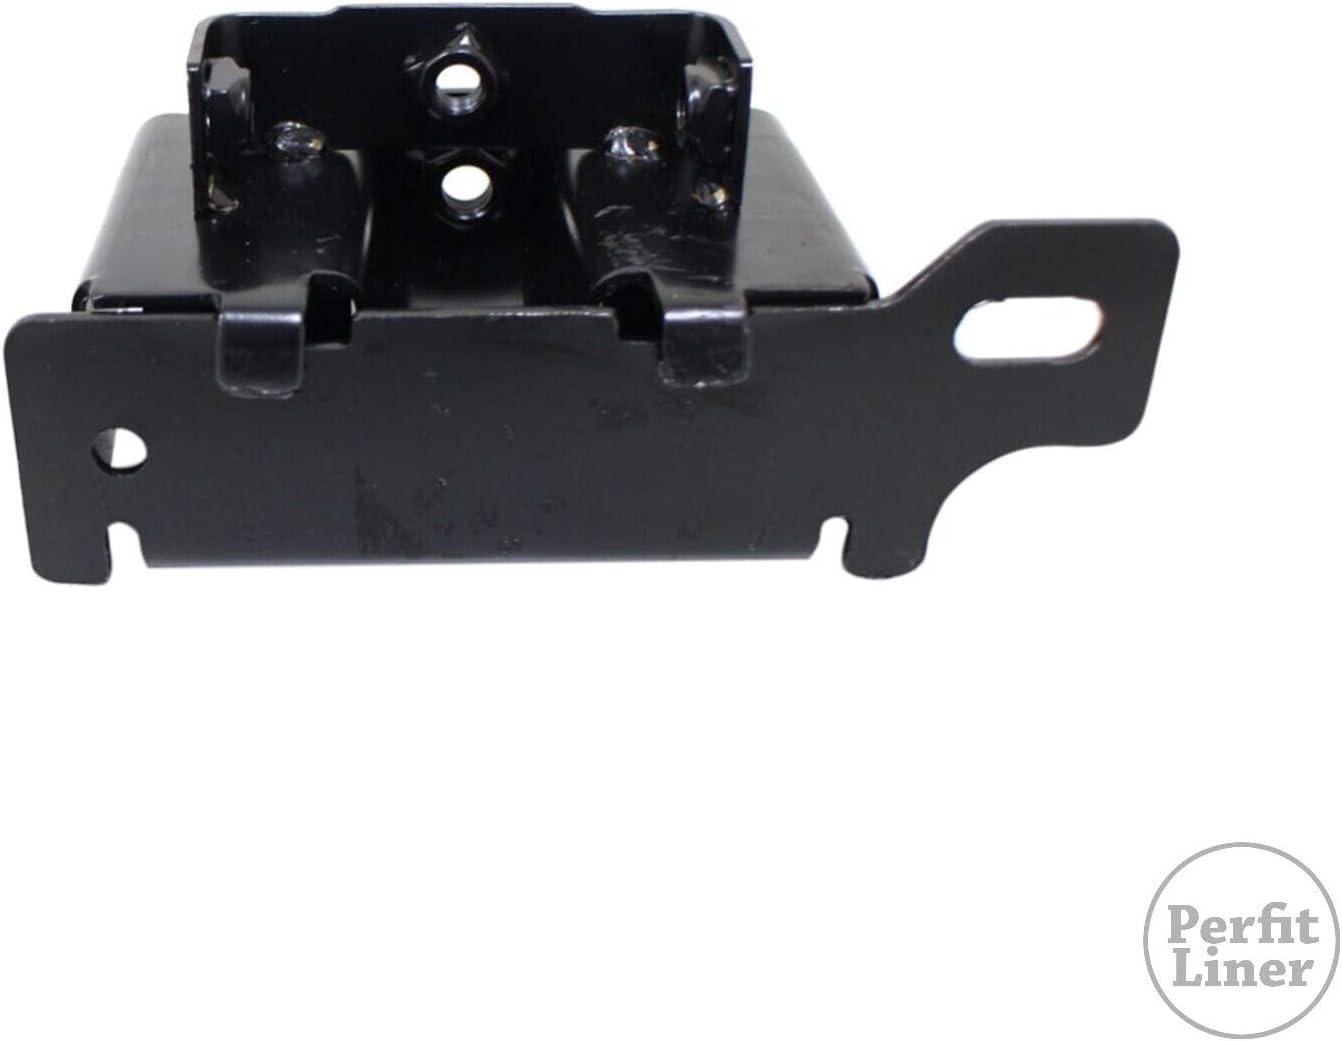 Steel Front Passenger Side Bumper Bracket For Escalade 00-06